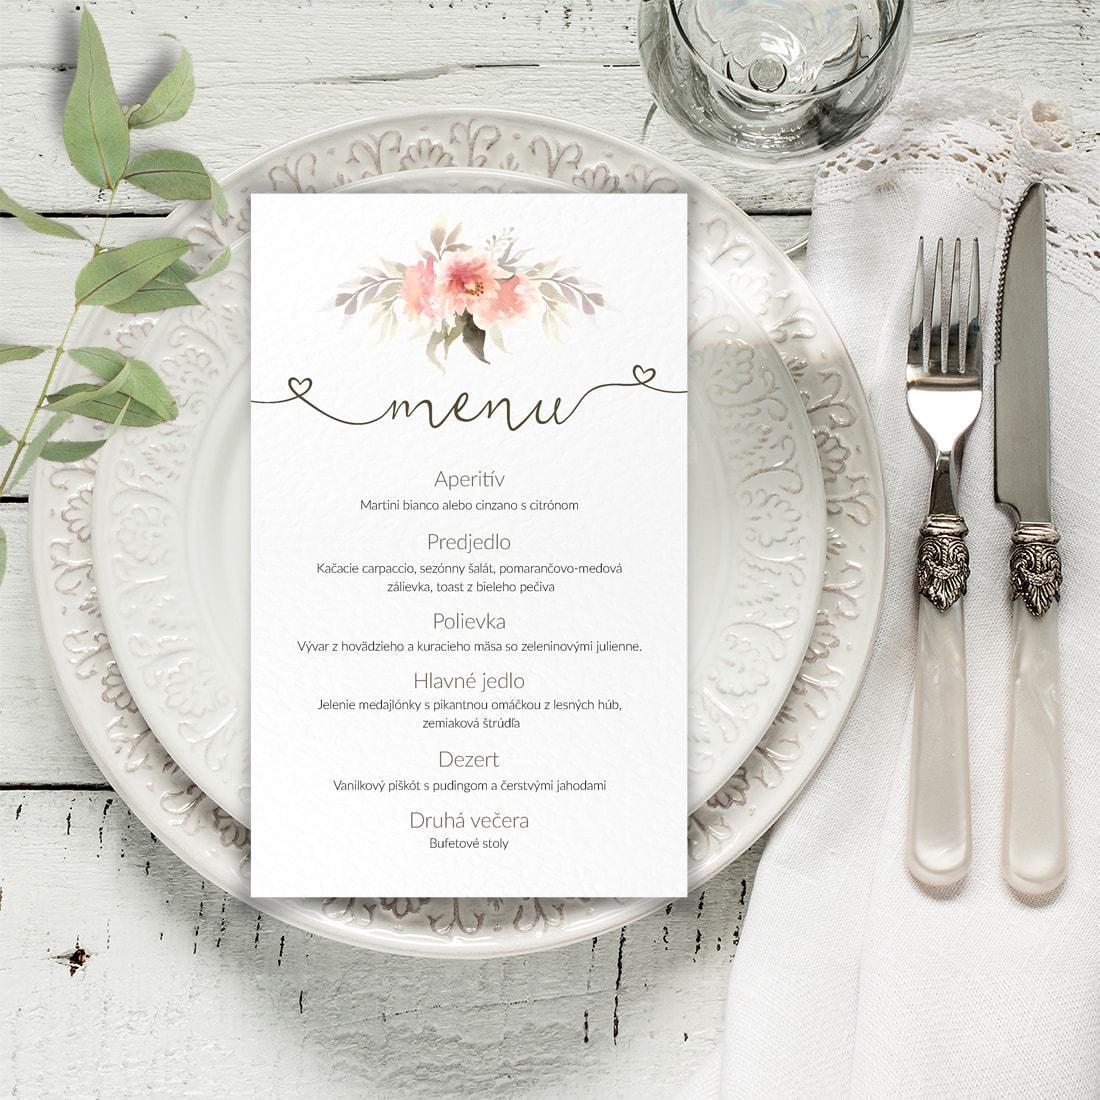 Svadobné menu - Obrázok č. 1